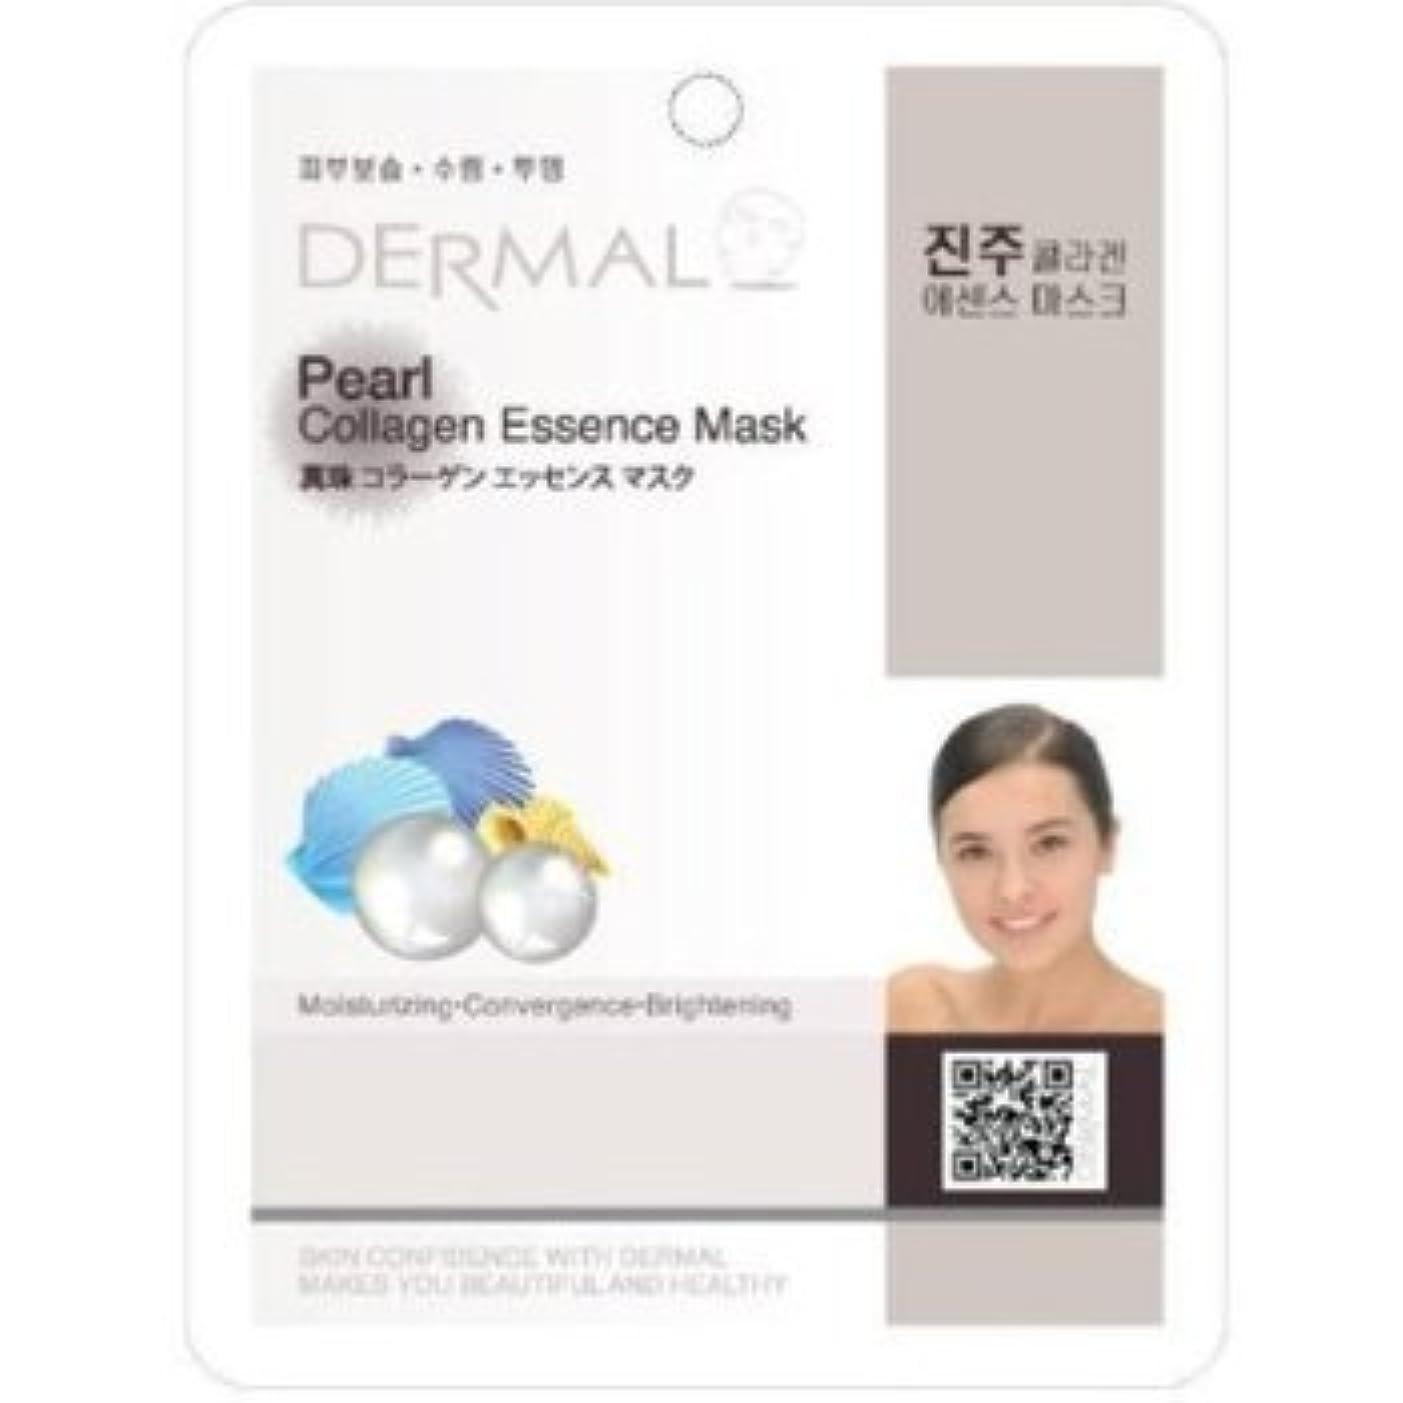 じゃない僕の独占Dermal Korea Collagen Essence Full Face Facial Mask Sheet - Pearl (100 pcs, 1box)